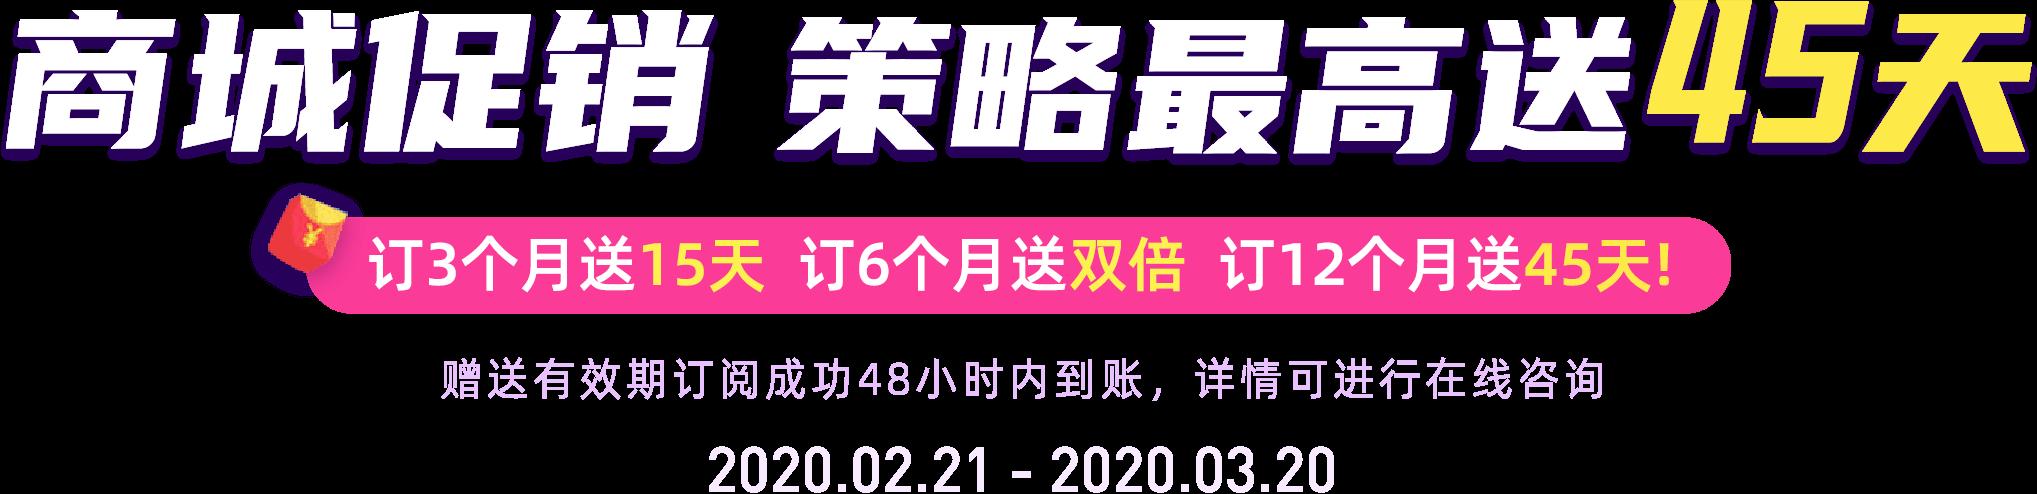 banner_mall